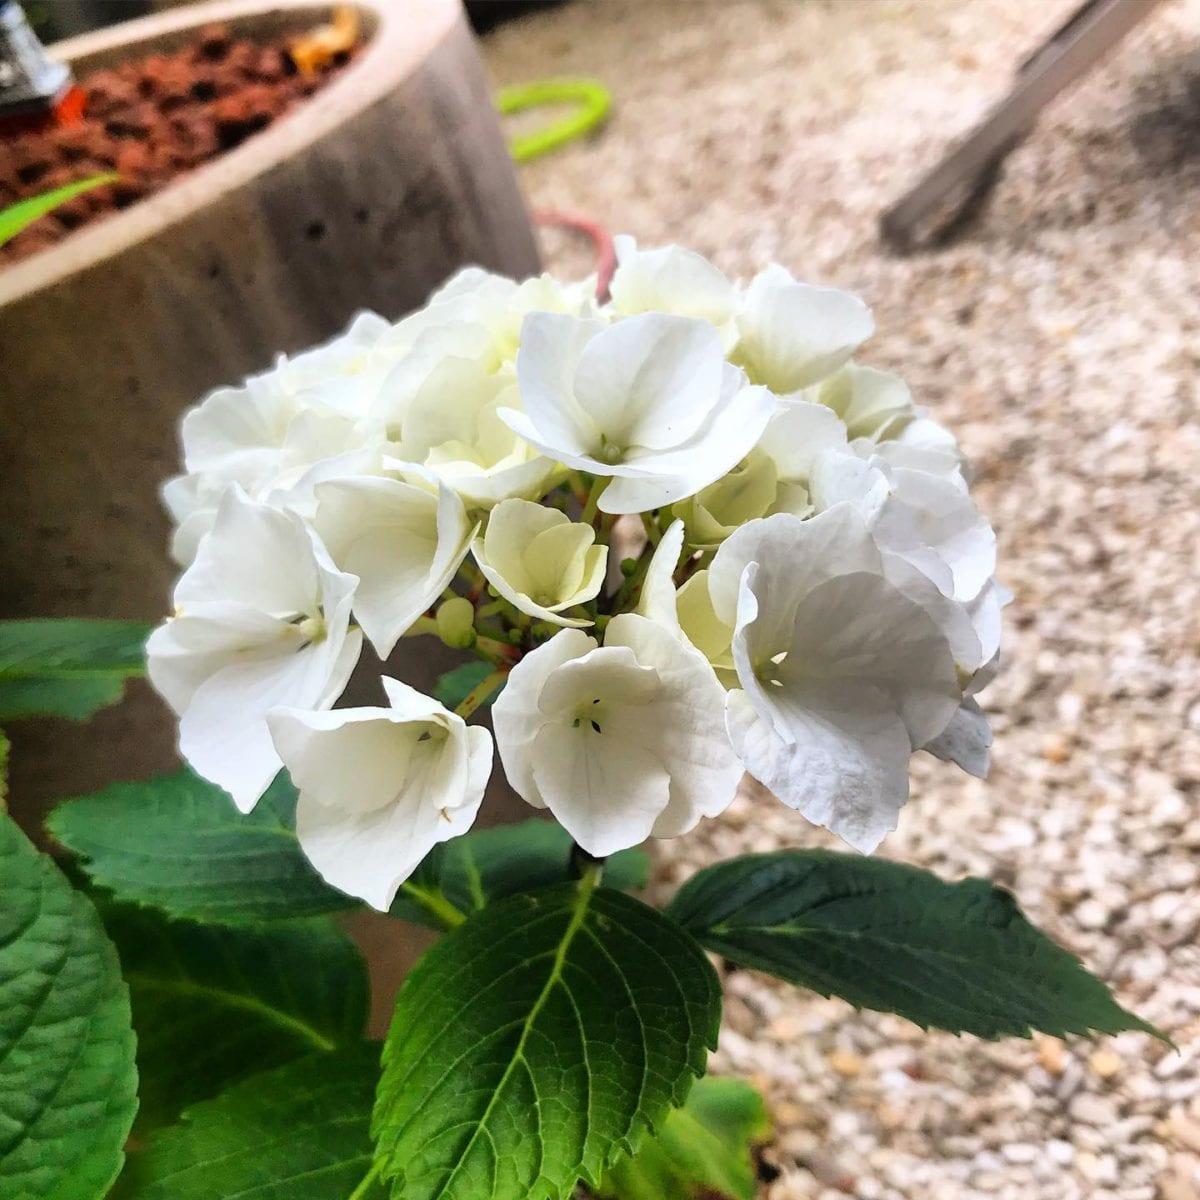 Les fleurs du petit jardin  🌳🌞 ️ @mairie18